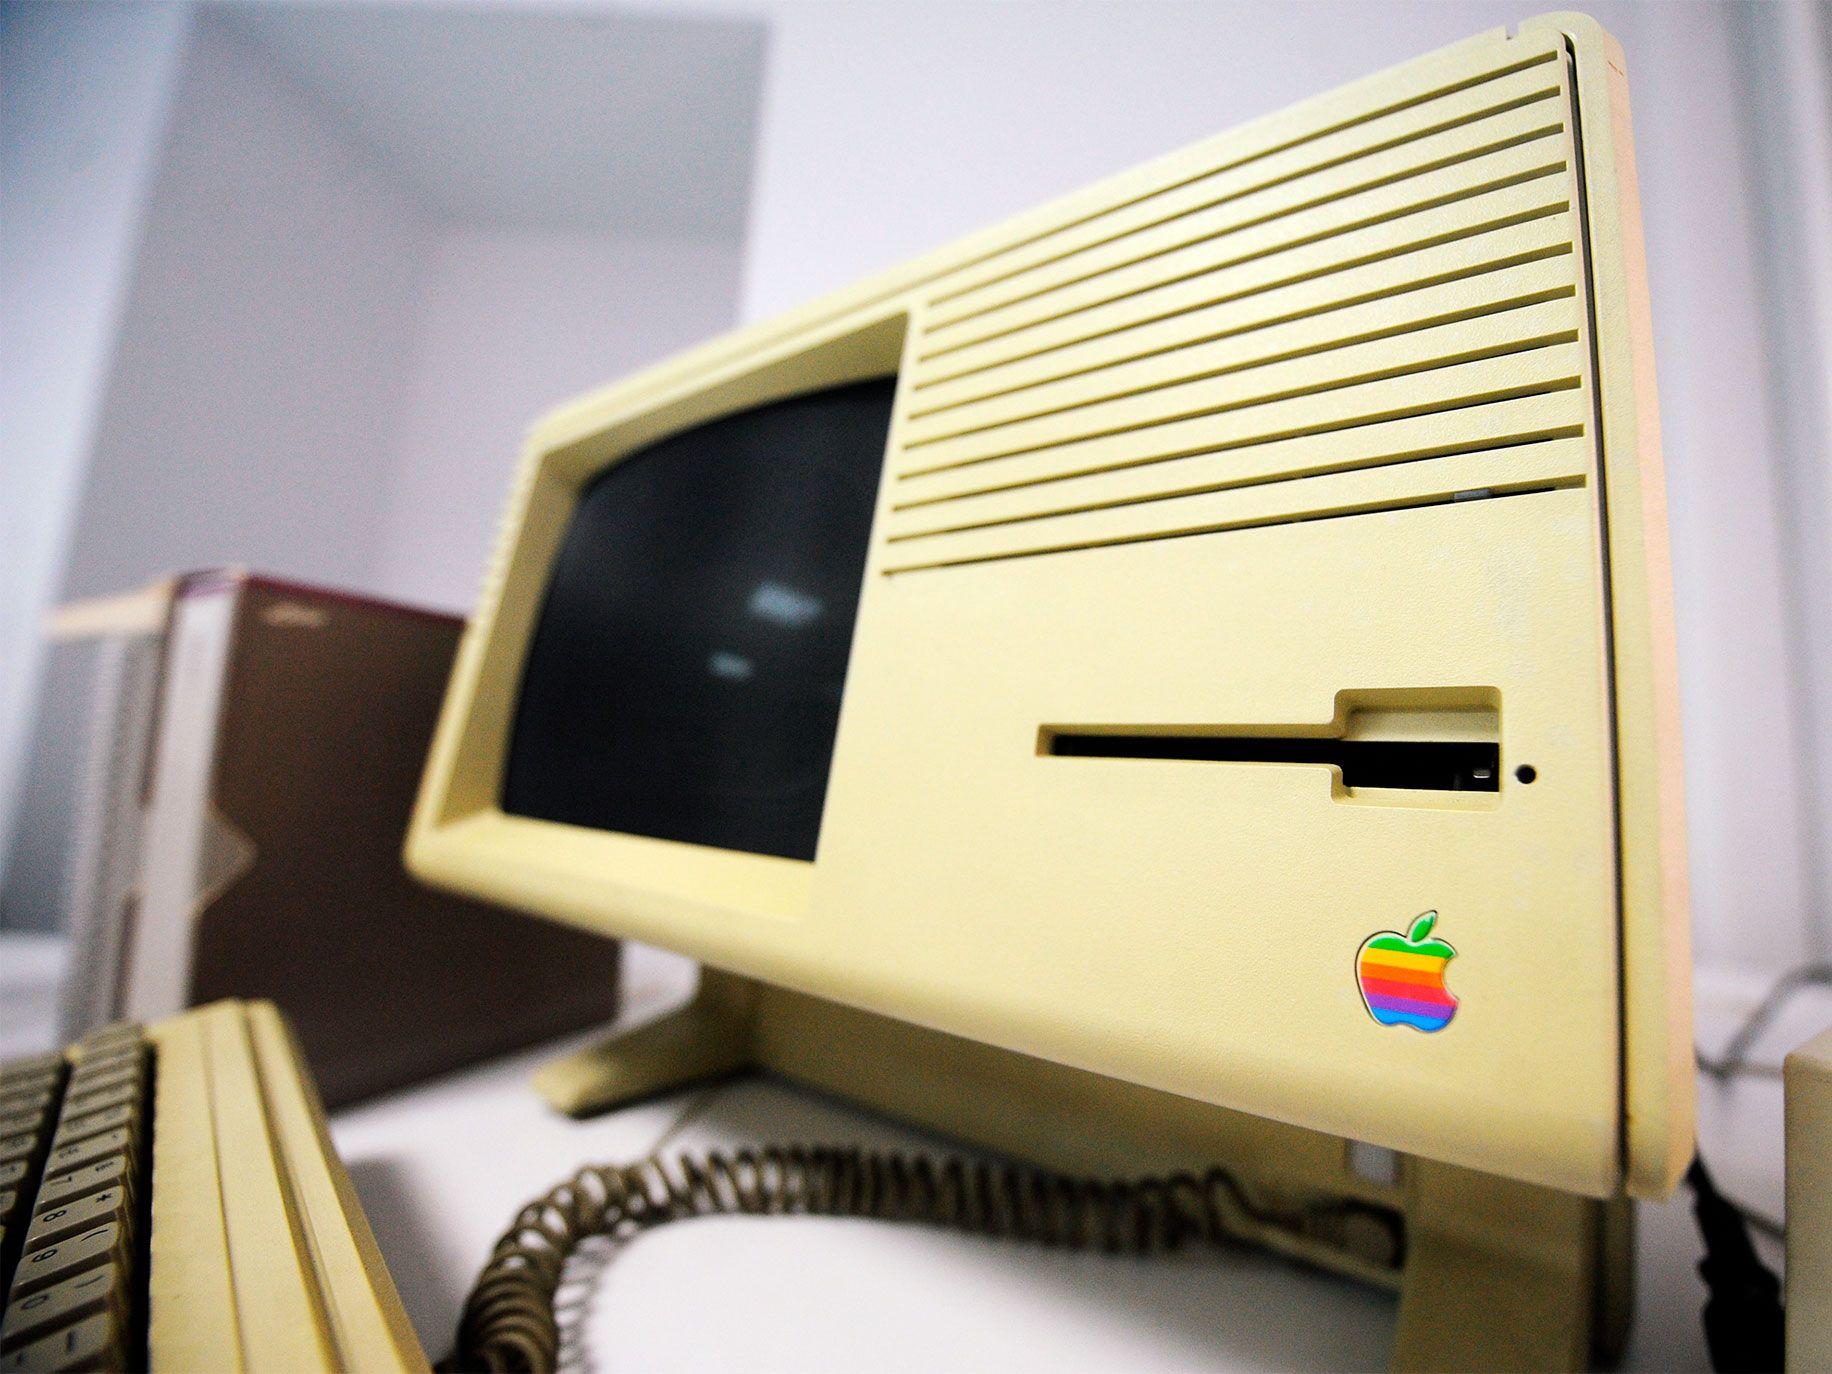 An Apple Lisa computer named after Steve Jobs' daughter, Lisa Brennan-Jobs.